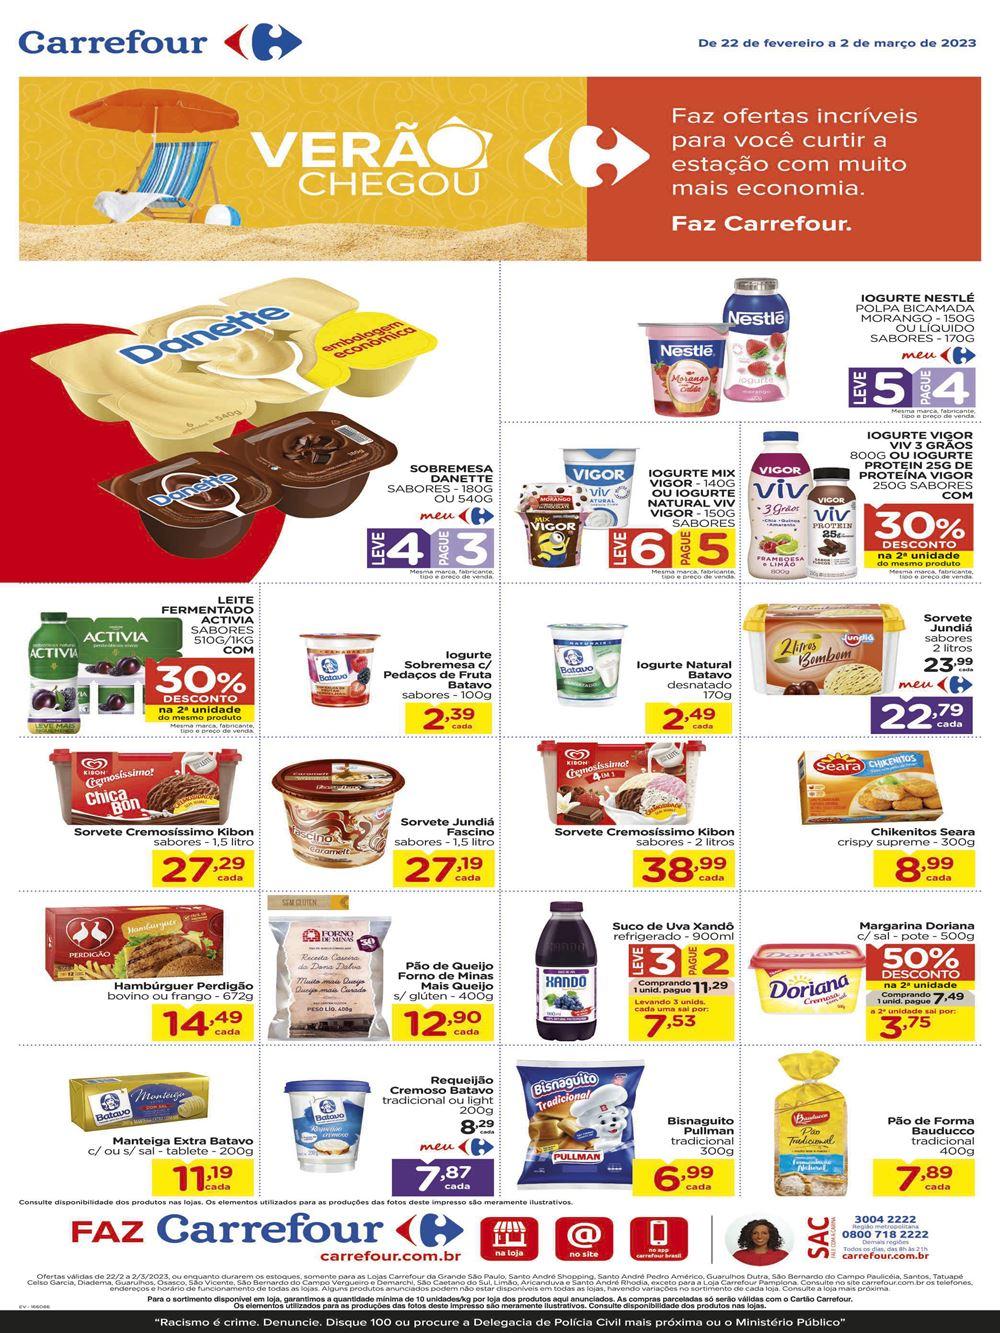 carrefour-ofertas-descontos-hoje4-15 Carrefour até 08/08